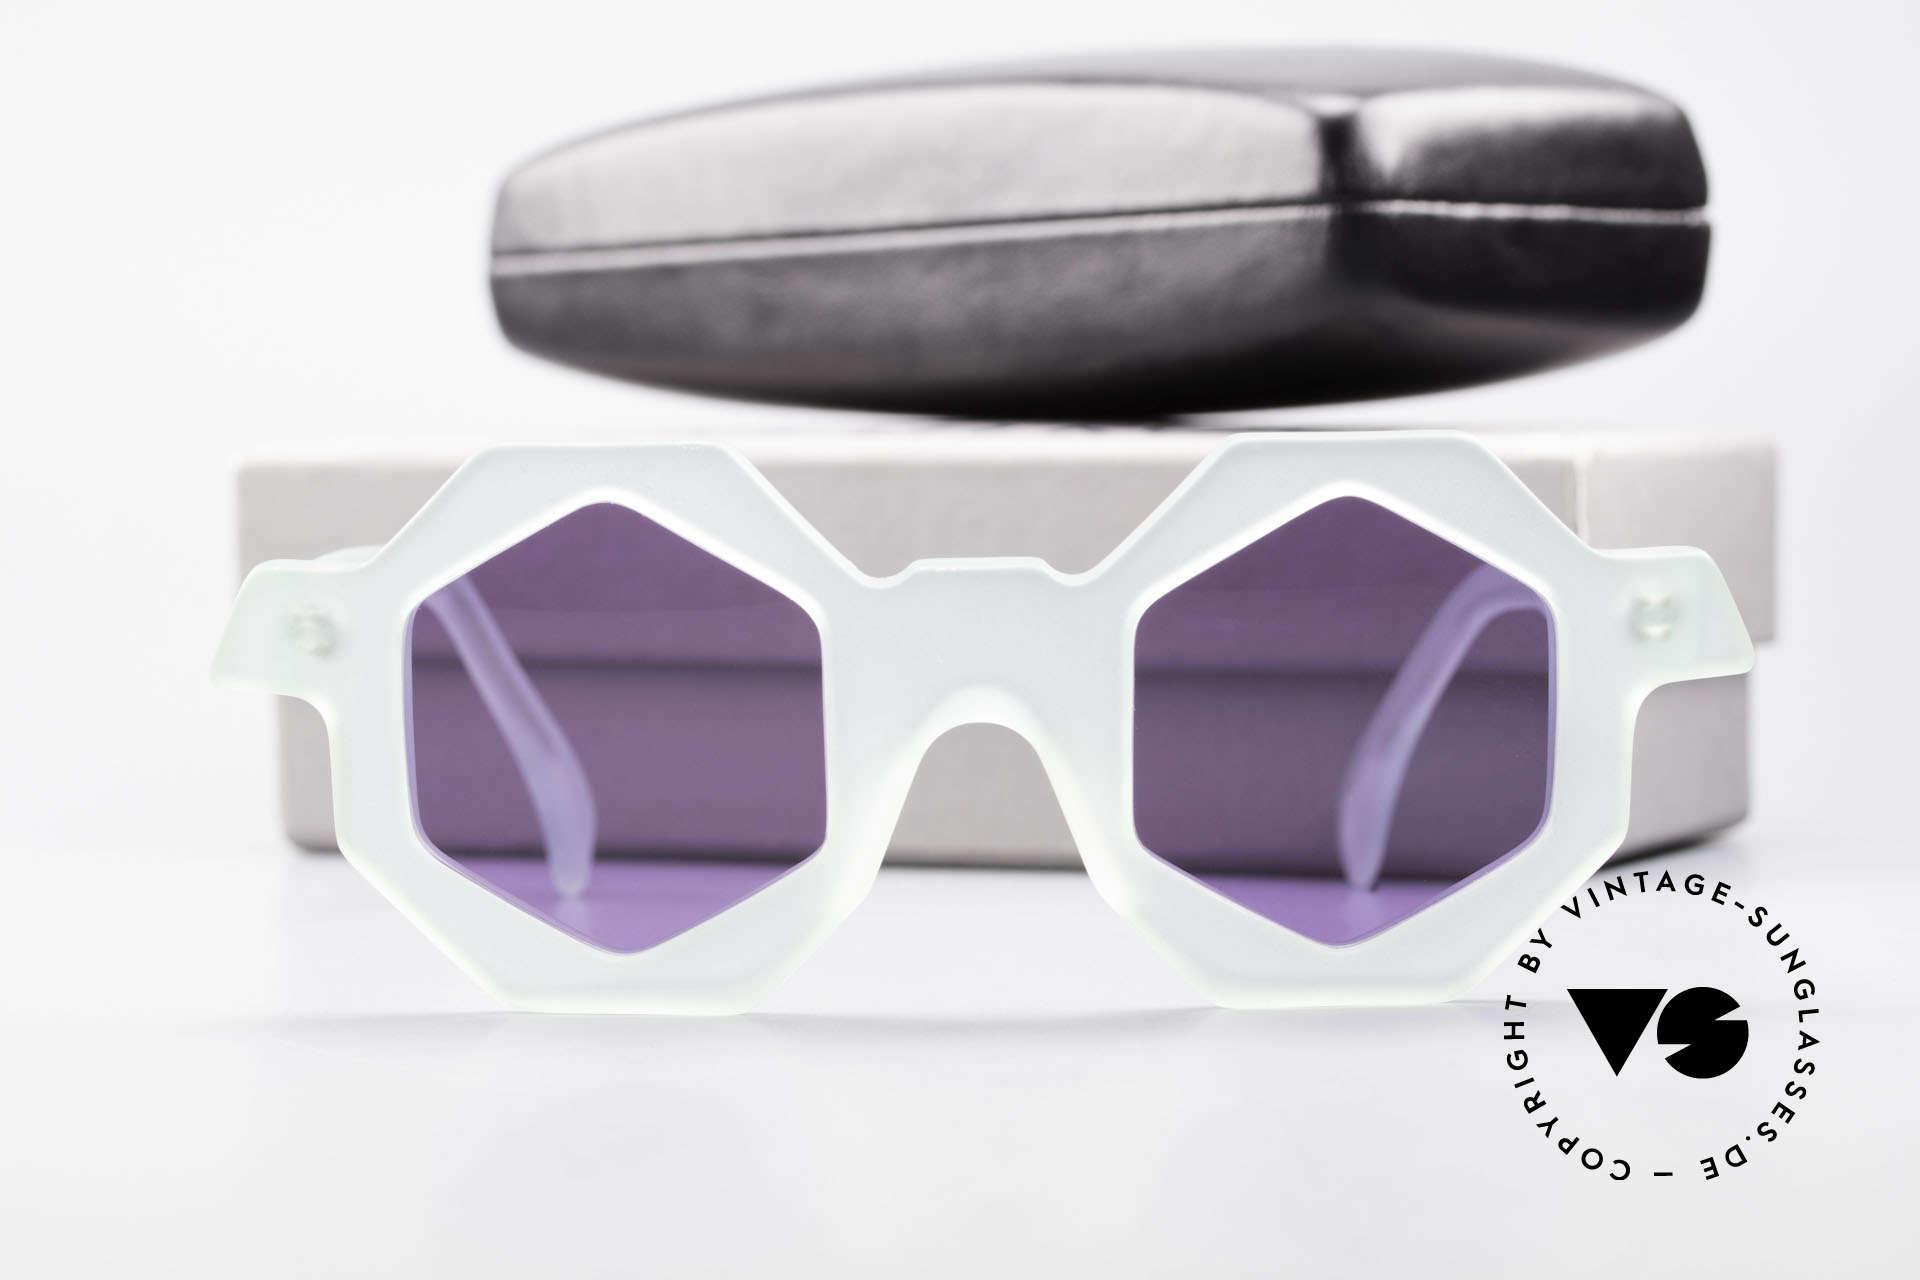 Alain Mikli 0157 / 932 Sechseckige Sonnenbrille 80er, KEINE Retrobrille; ein altes Original + RLR Etui, Passend für Damen